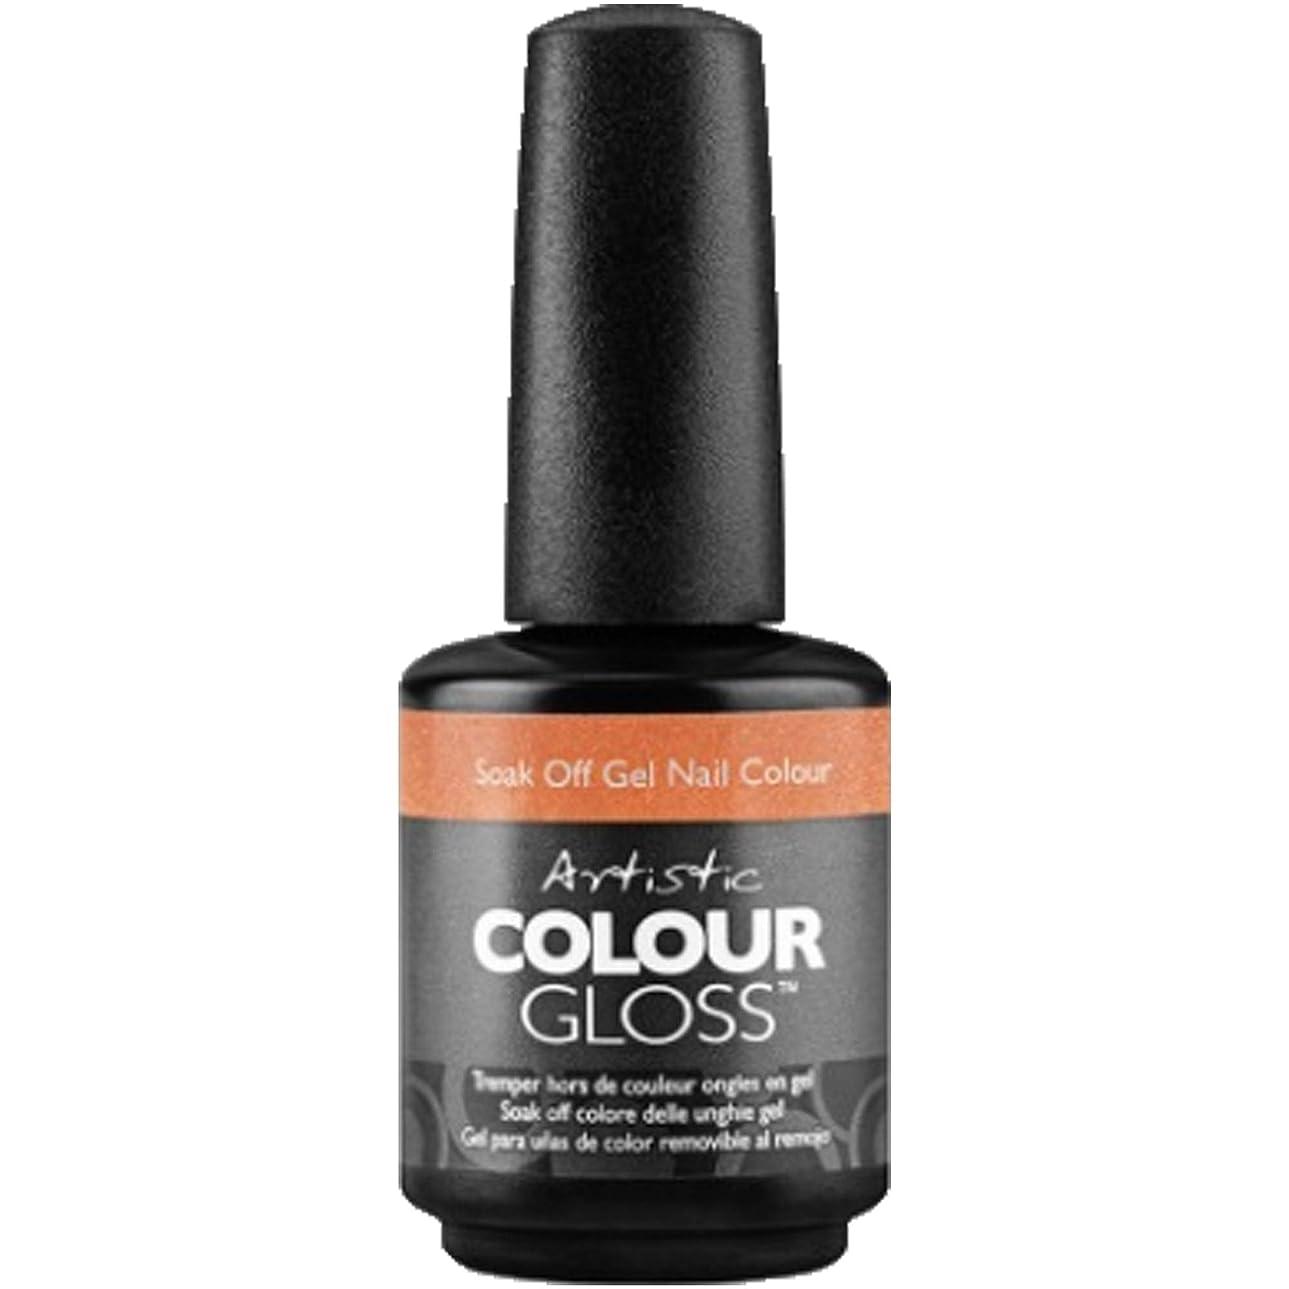 移行する性別シングルArtistic Colour Gloss - You're Not Glistening to Me! - 0.5oz / 15ml